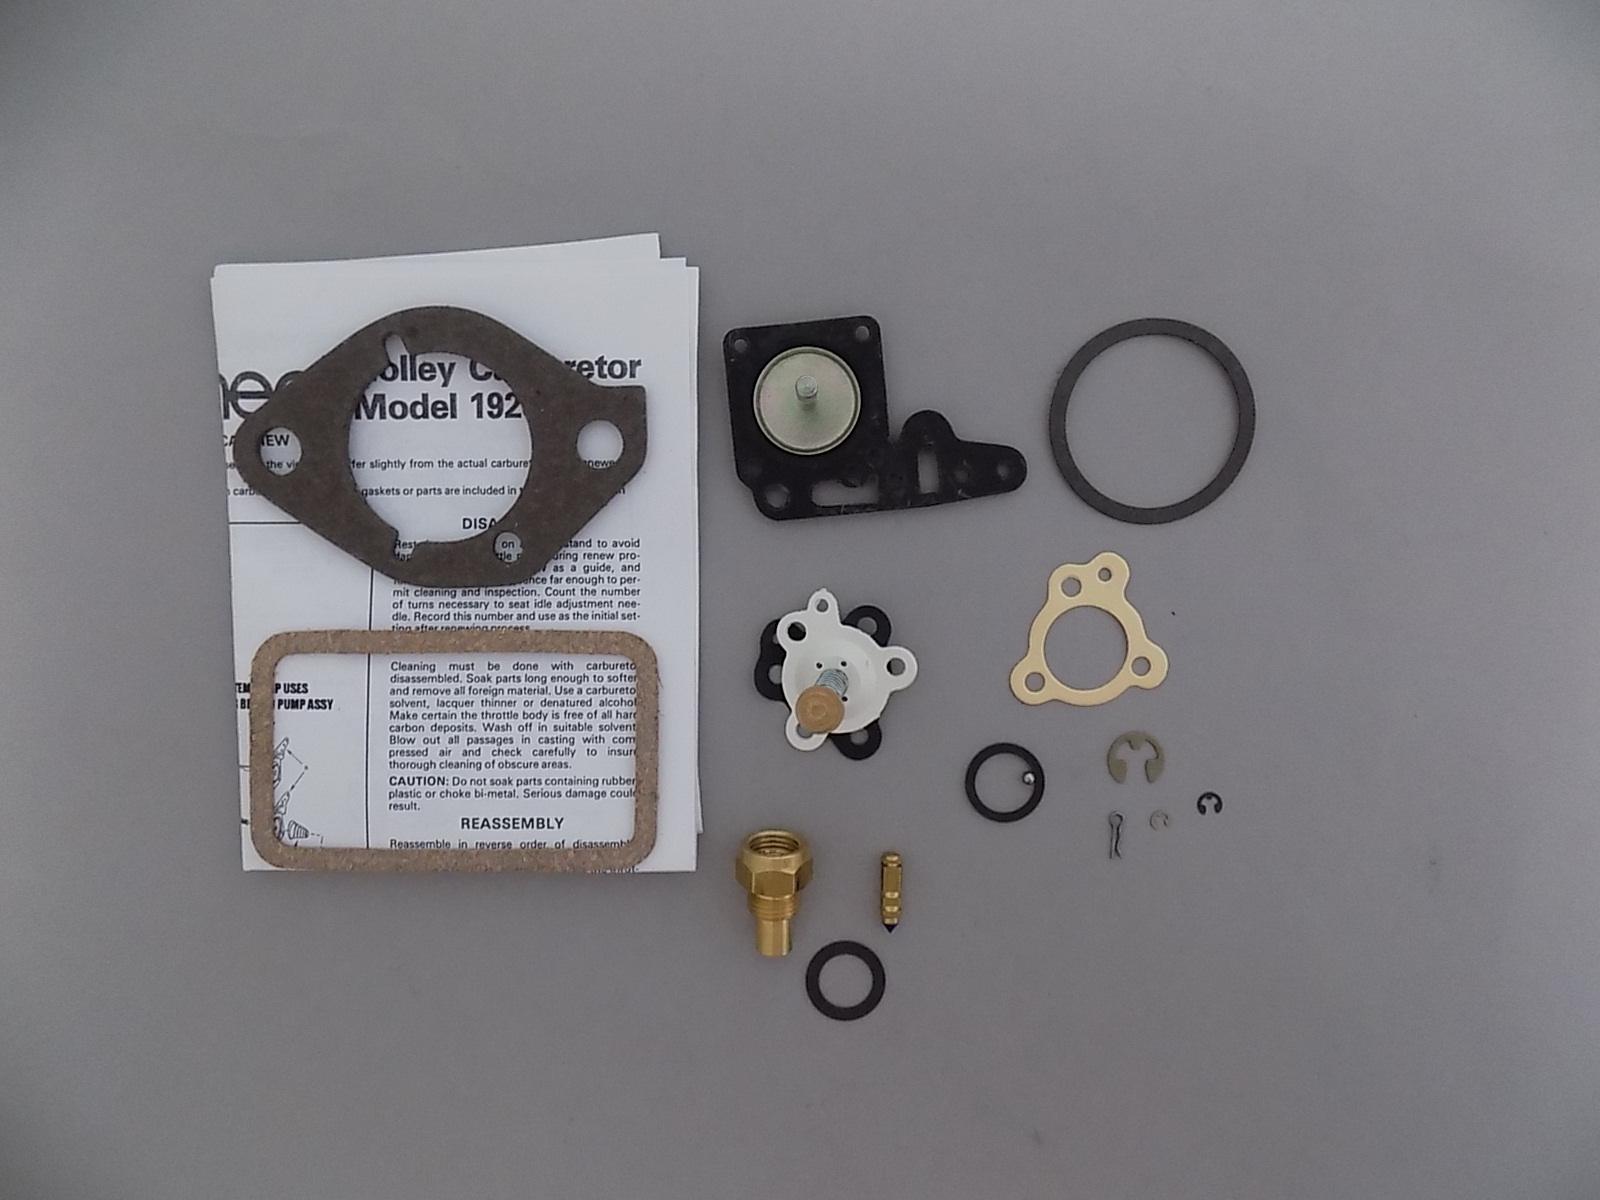 holley 1920 carburetor rebuild kit 1964 65 jeep. Black Bedroom Furniture Sets. Home Design Ideas